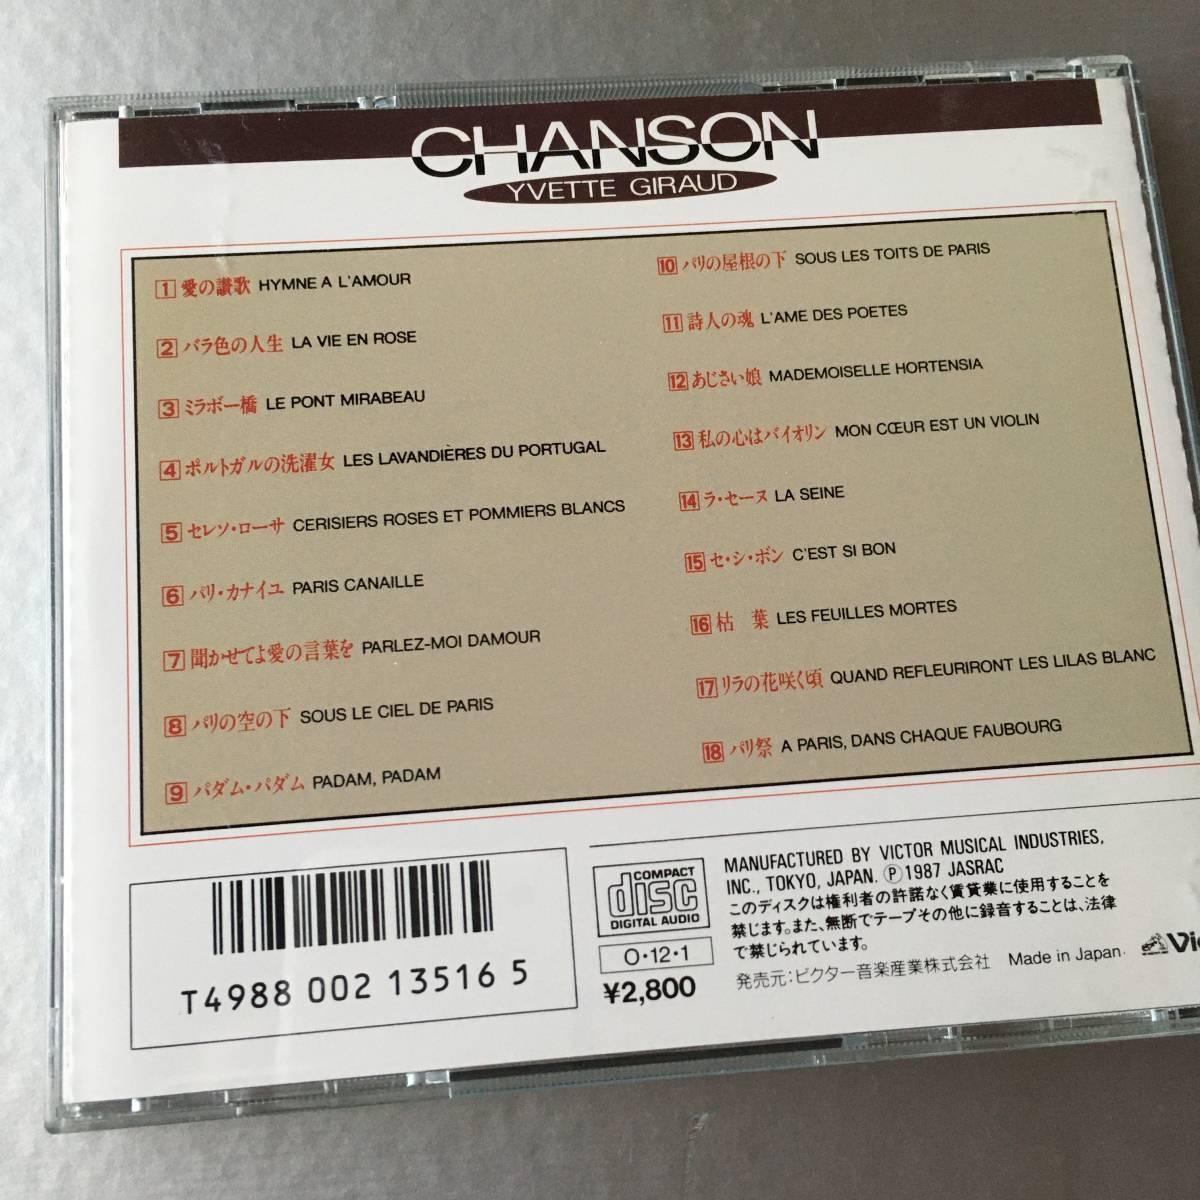 シャンソンCD*イベット・ジロー/シャンソンのすべて→愛の讃歌/バラ色の人生/ミラボー橋/YVETTE GIRAUD_画像3